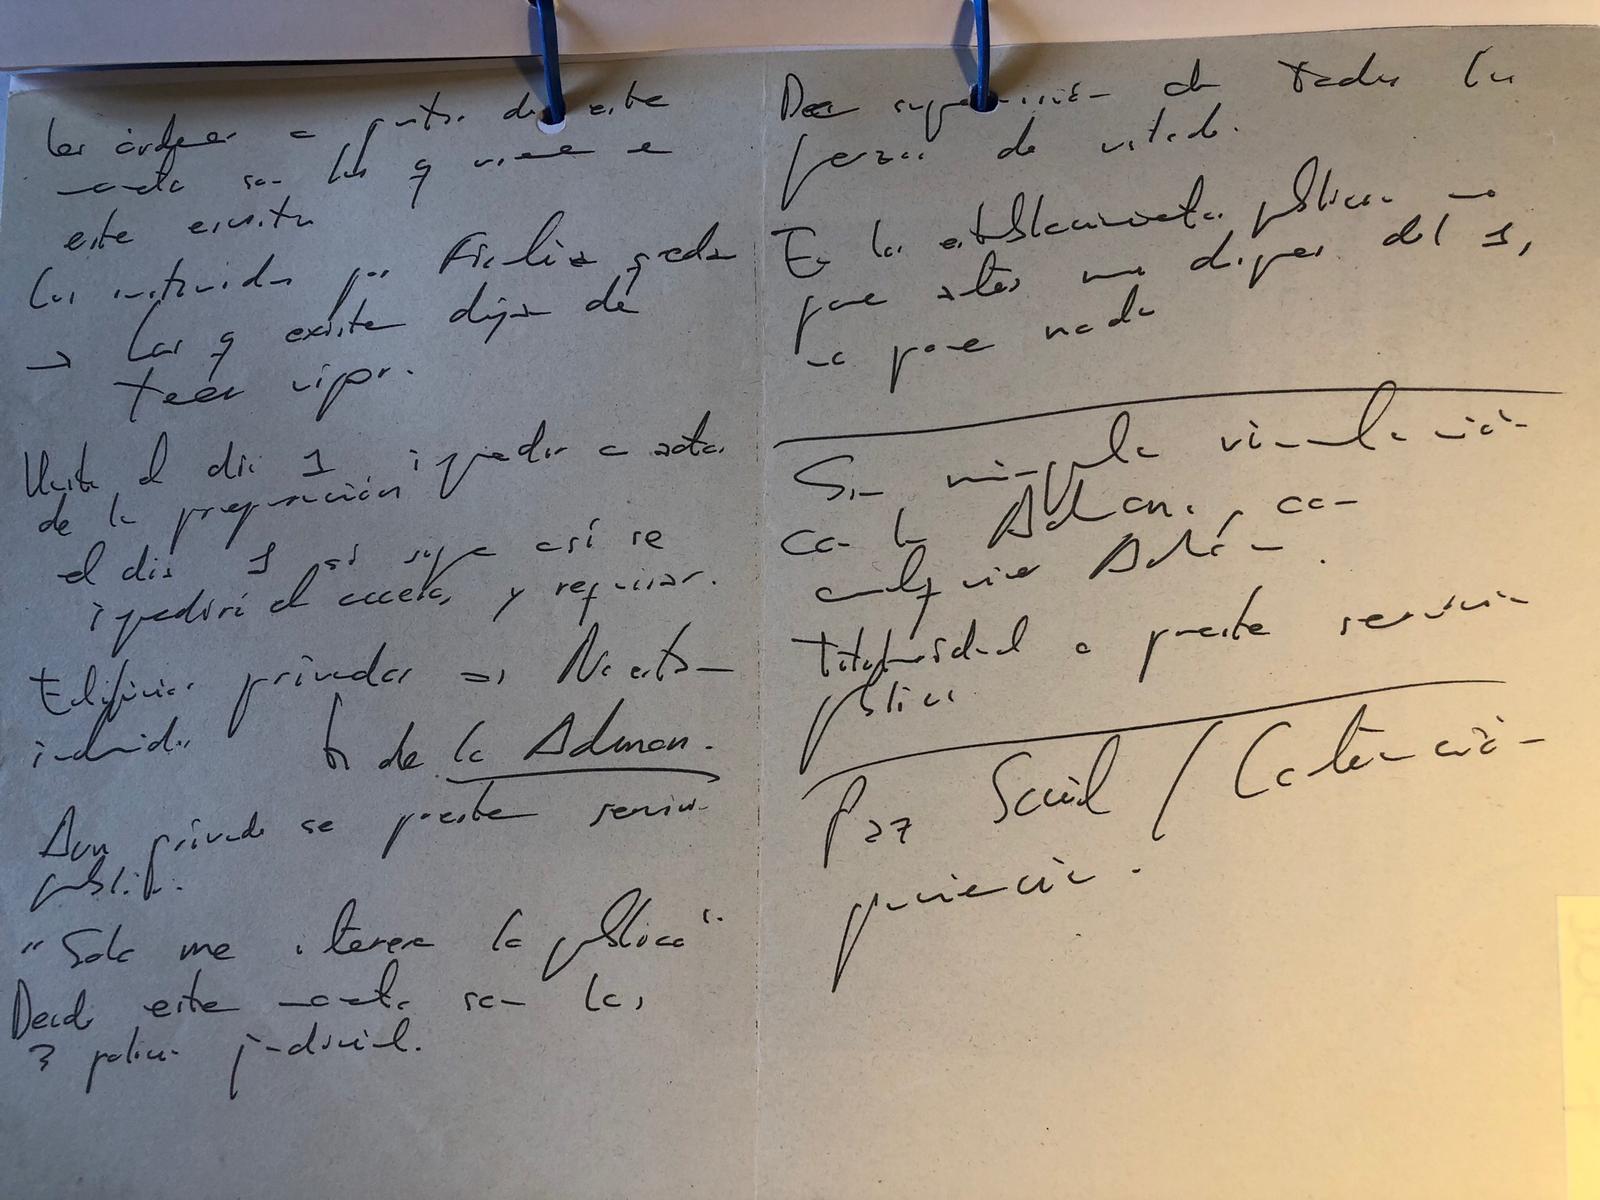 El manuscrit de Trapero que es va incorporar a darrera hora al sumari del cas